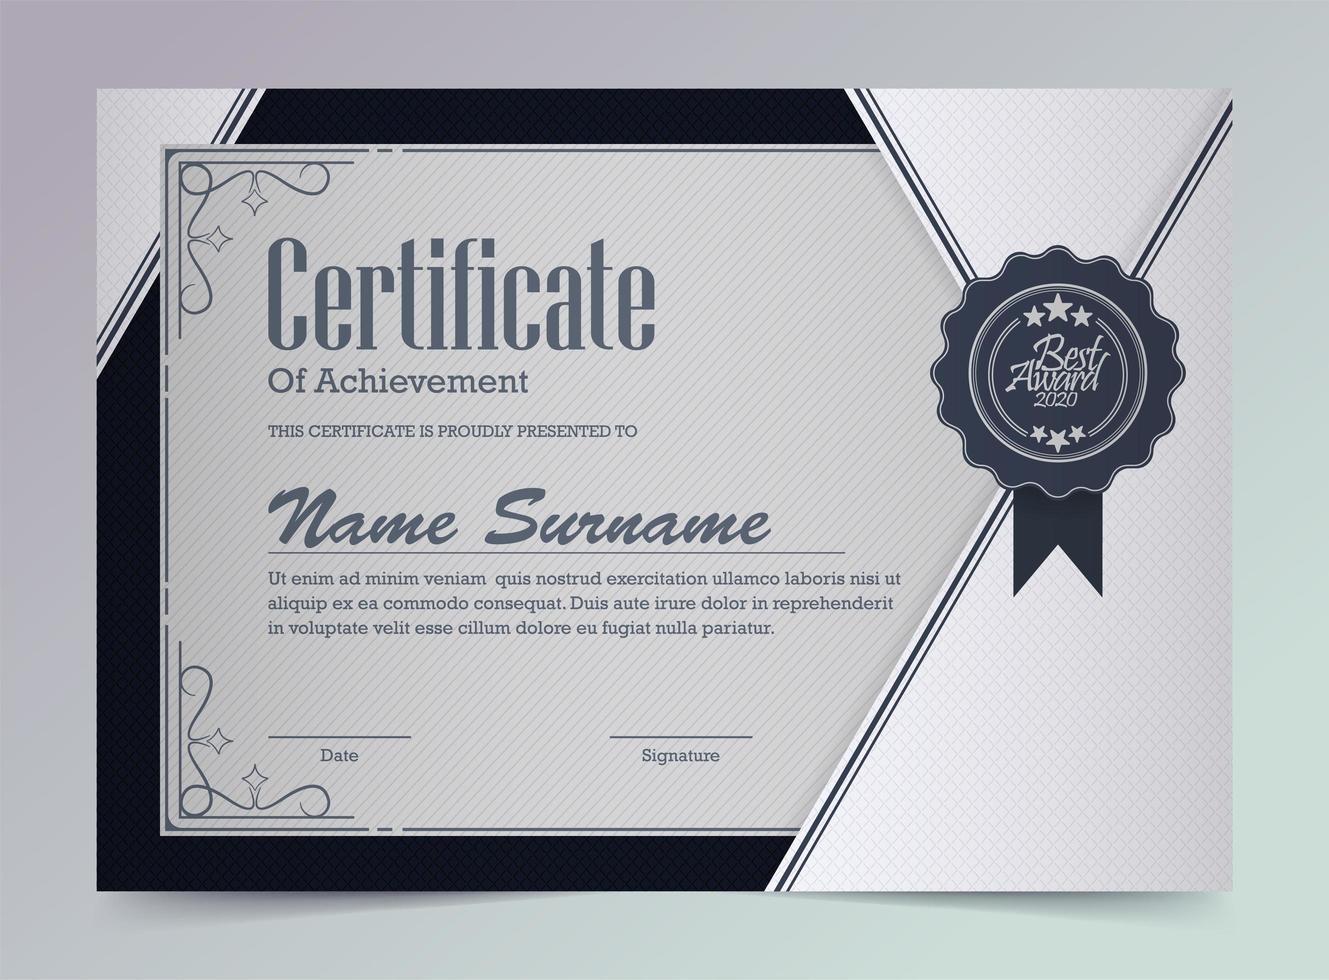 modelo de certificado de conquista de design de ângulo de prata vetor